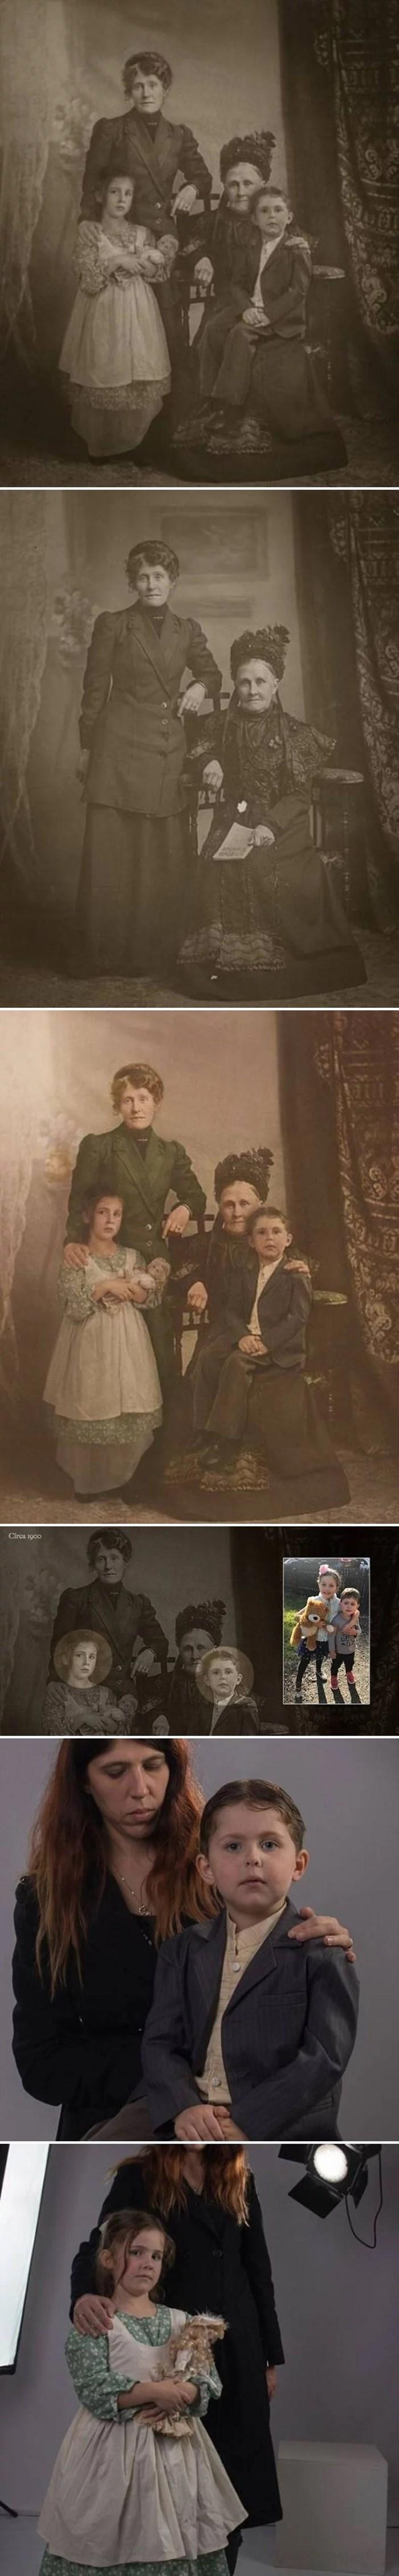 Ova stara obiteljska fotografija krije tajnu koju vjerojatno nikad ne biste primijetili